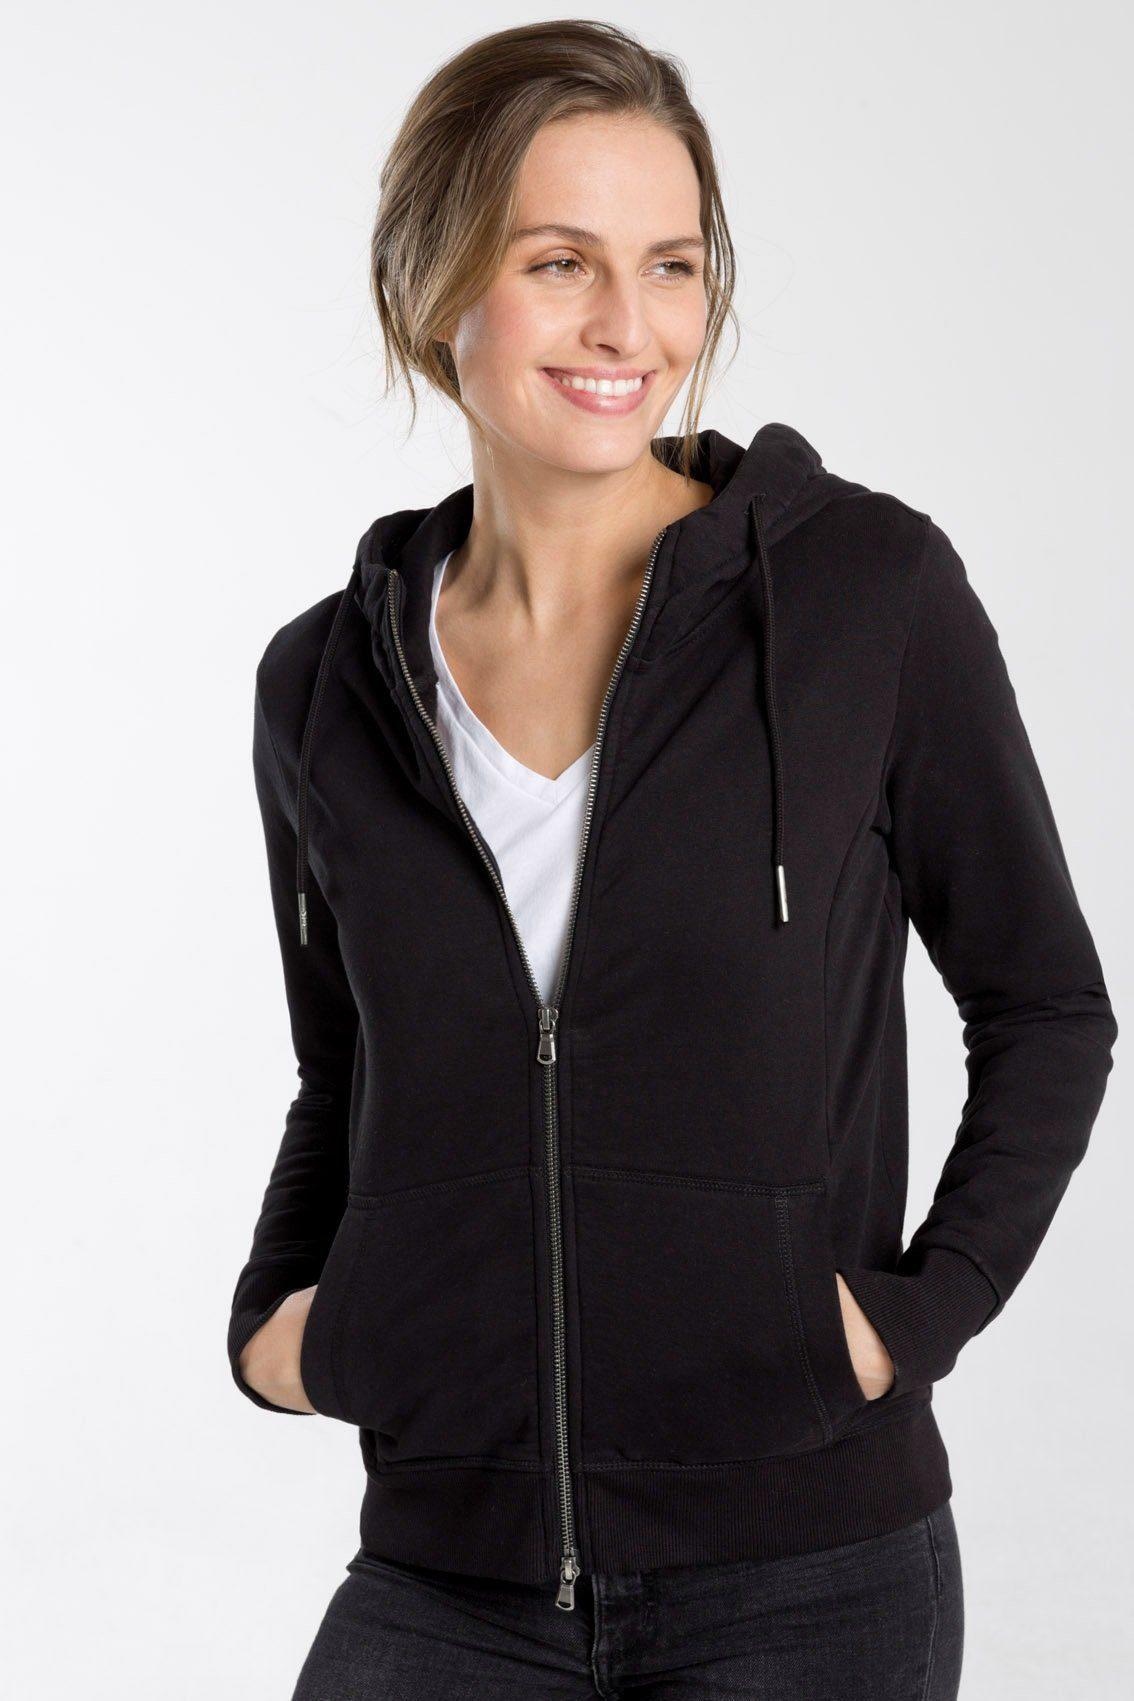 SHIRTS FOR LIFE Sweatjacke aus fair gehandelten Materialien | Bekleidung > Sweatshirts & -jacken > Sweatjacken | Schwarz | Baumwolle - Polyester | Shirts For Life